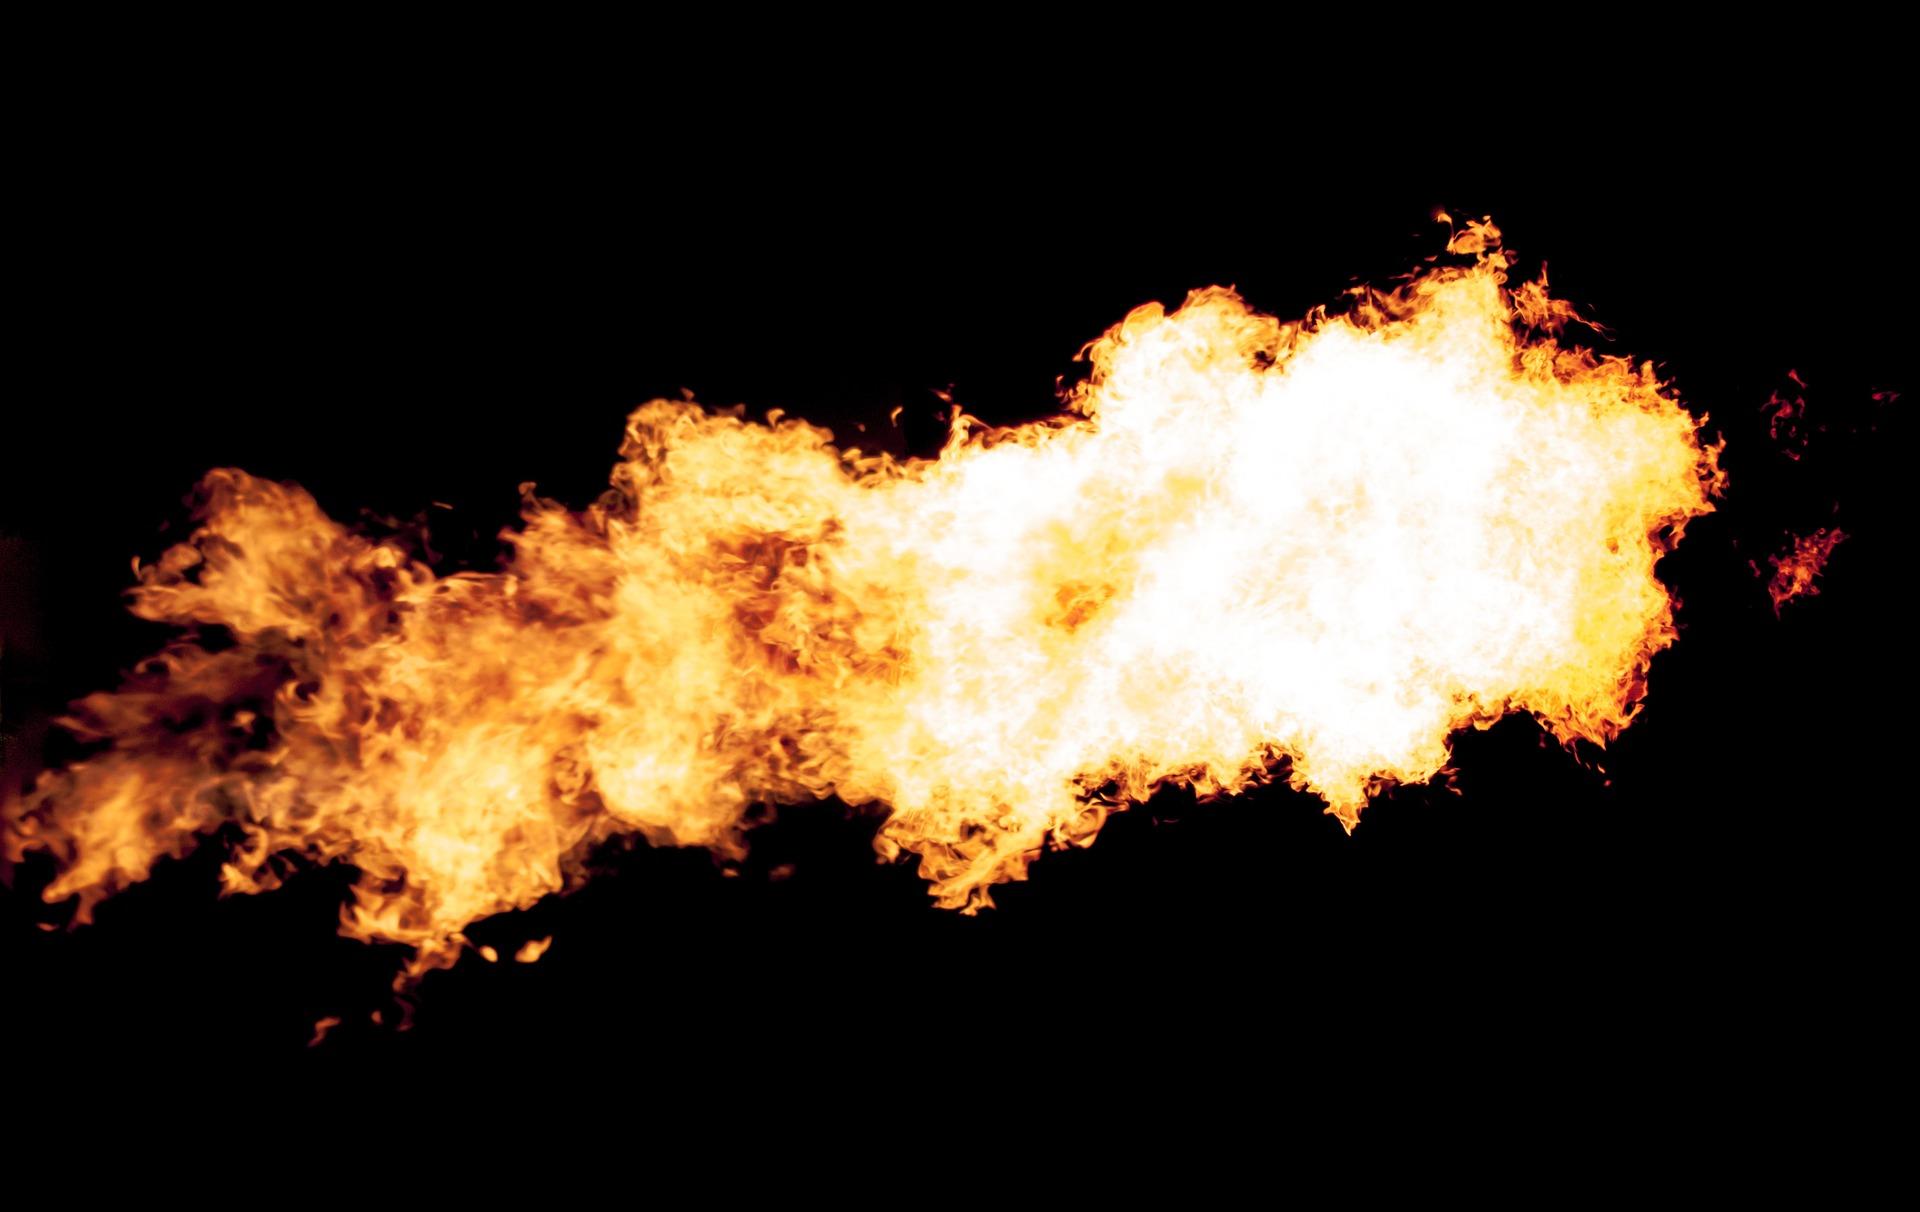 二酸化炭素は体内で作られたエネルギーが燃焼した後に出来る燃えかすのようなものです